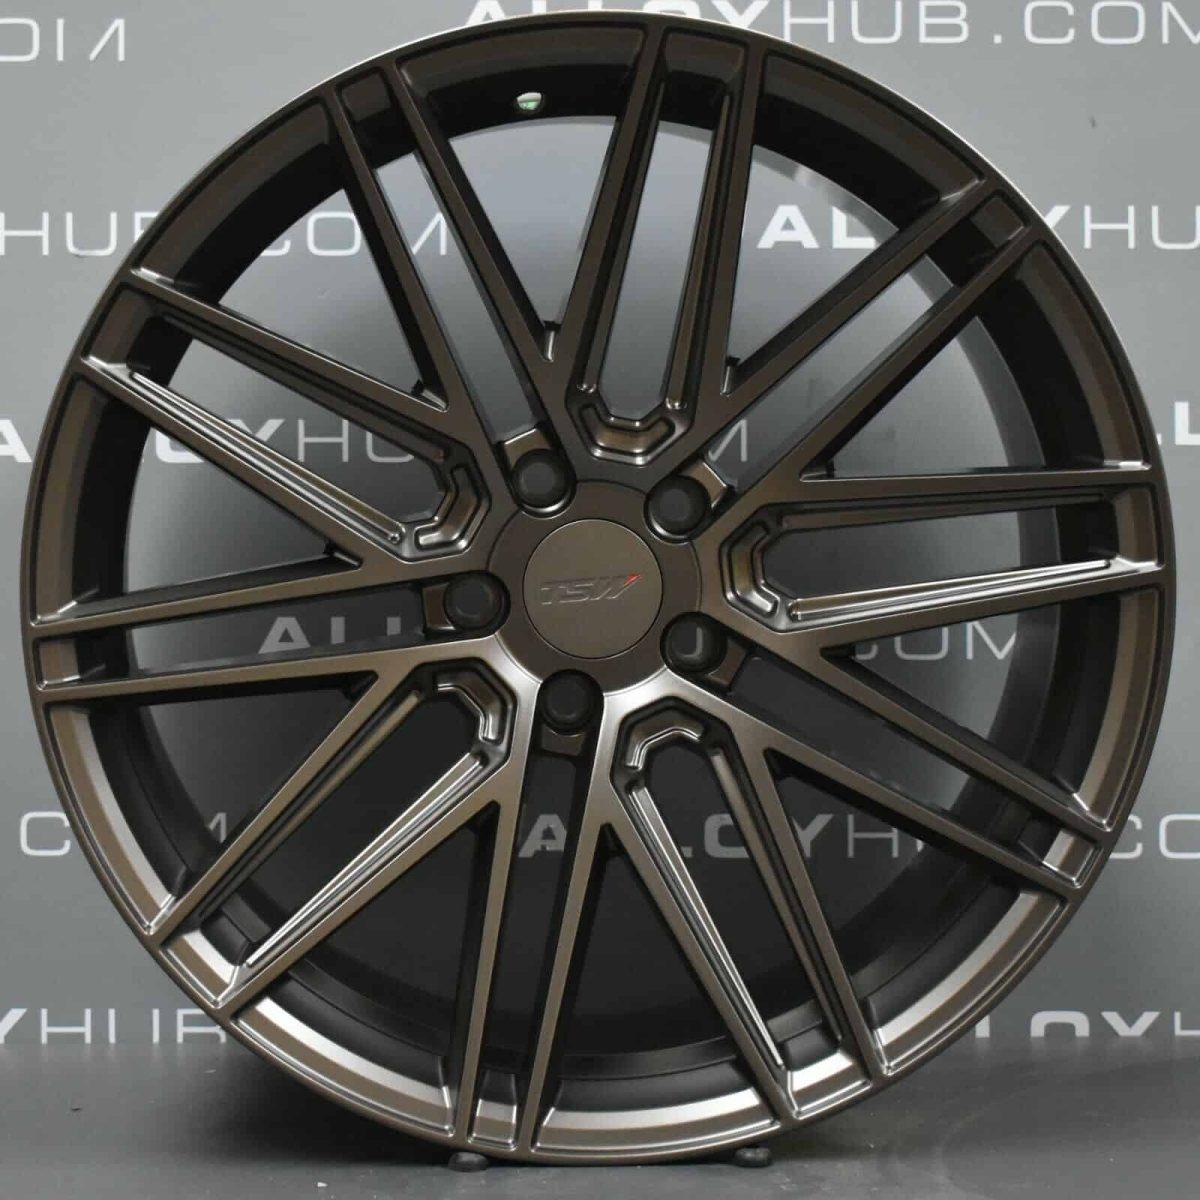 """Genuine VEA TSW Volkswagen Amarok 20"""" Inch Alloy Wheels with Satin Bronze Finish"""